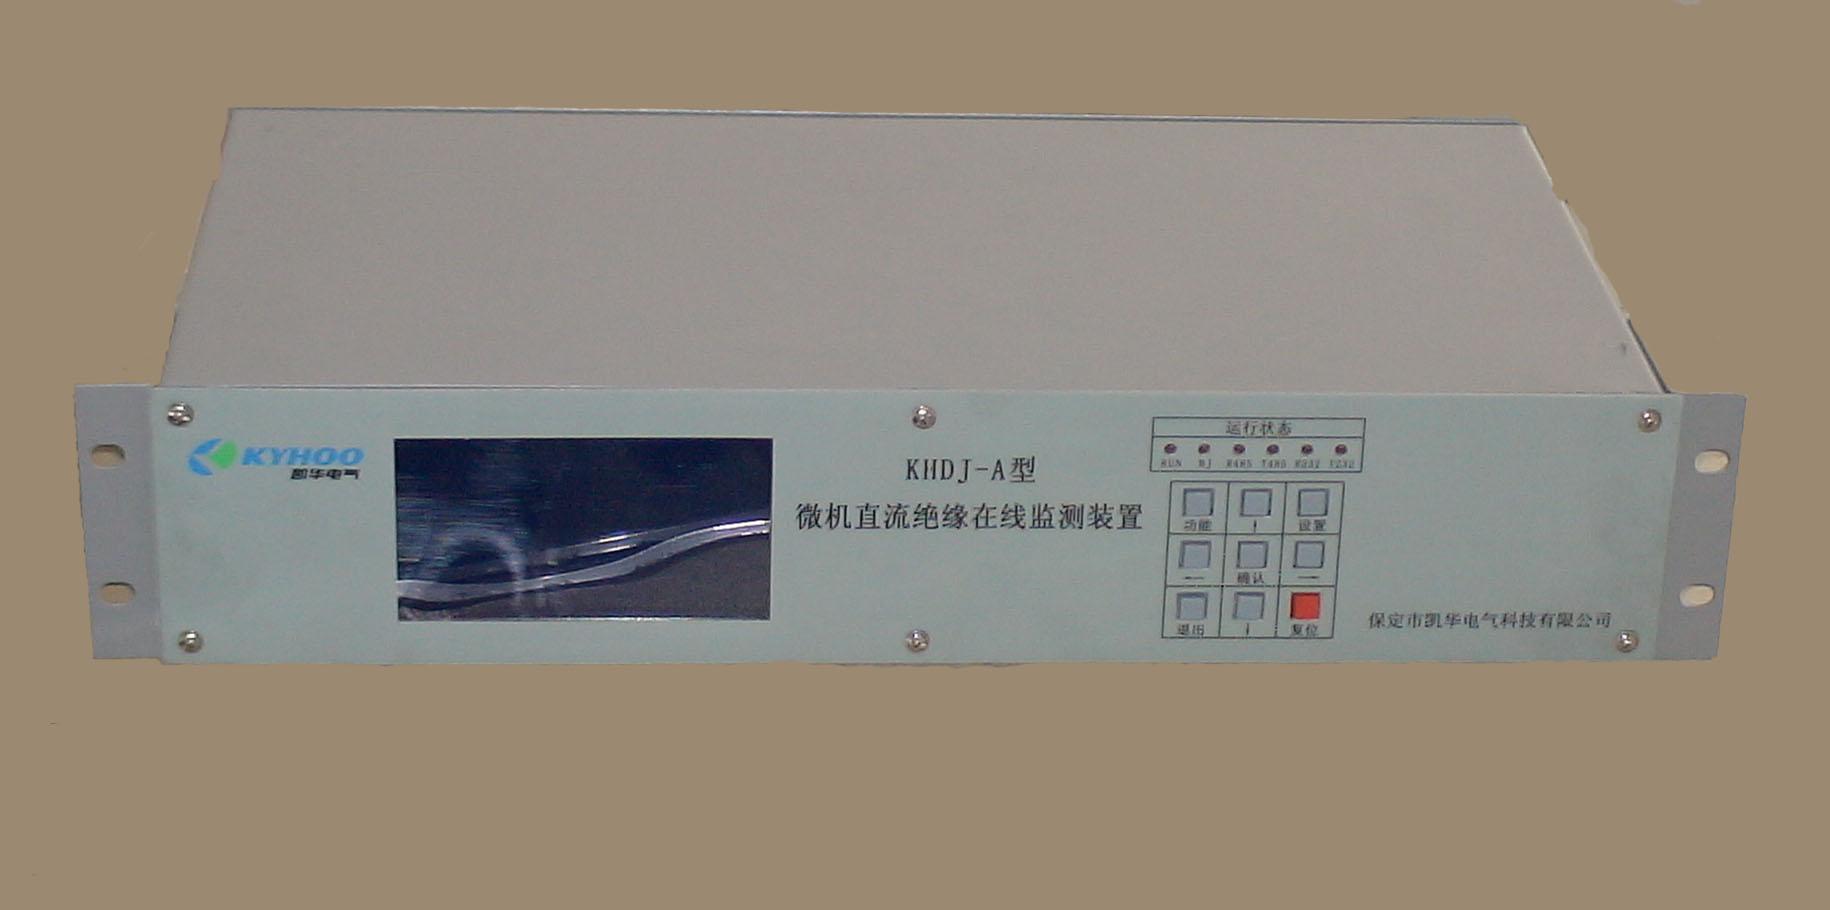 供应KHDJ直流系统绝缘在线监测